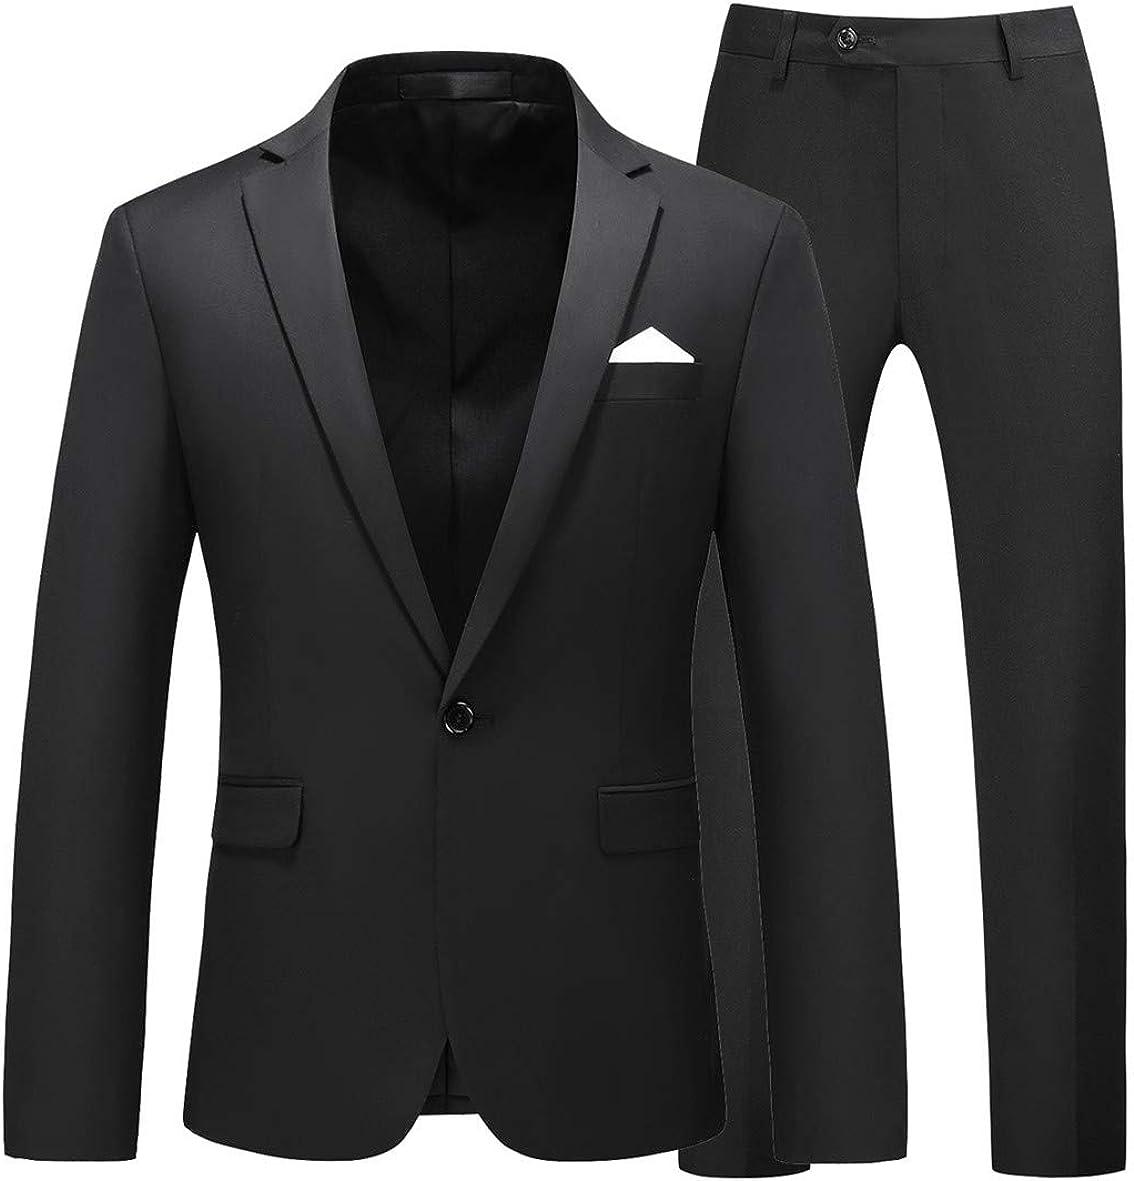 MOGU Mens Slim Fit 2 Piece Suit One Button Notch Lapel Tuxedo for Prom (Suit Jacket + Pants)